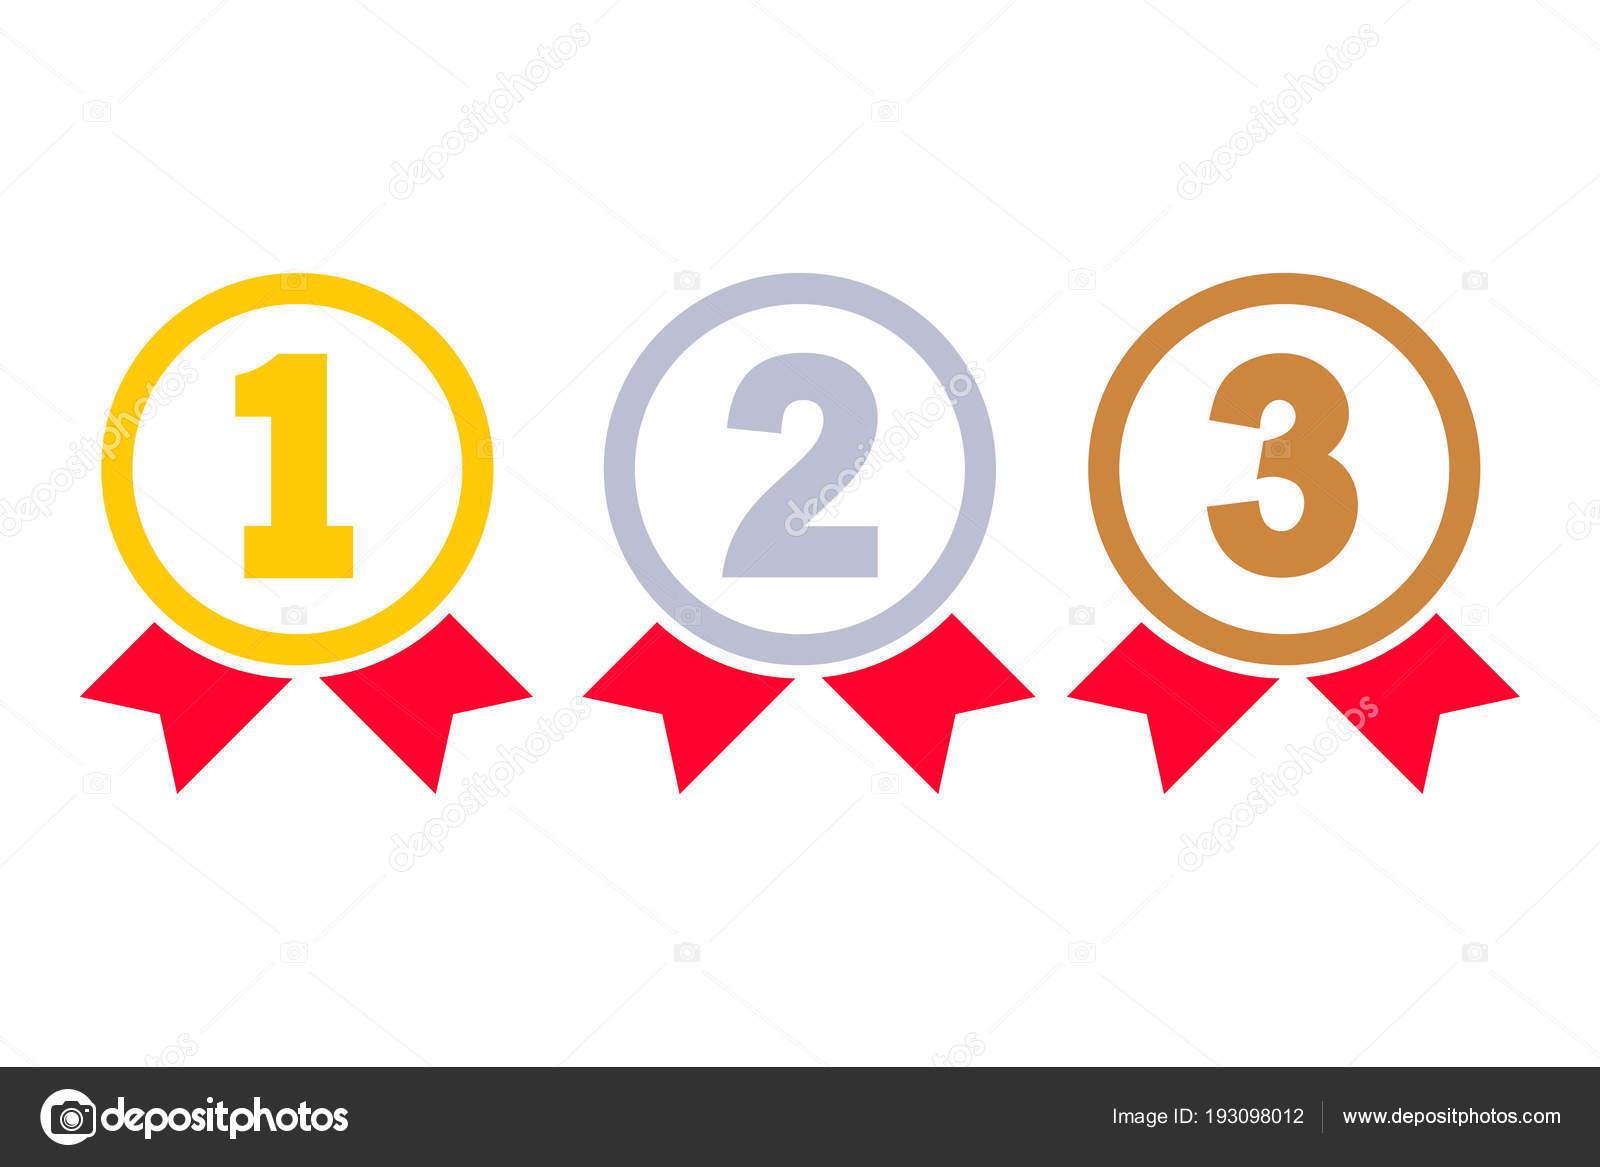 1º, 2º, 3º Lugares